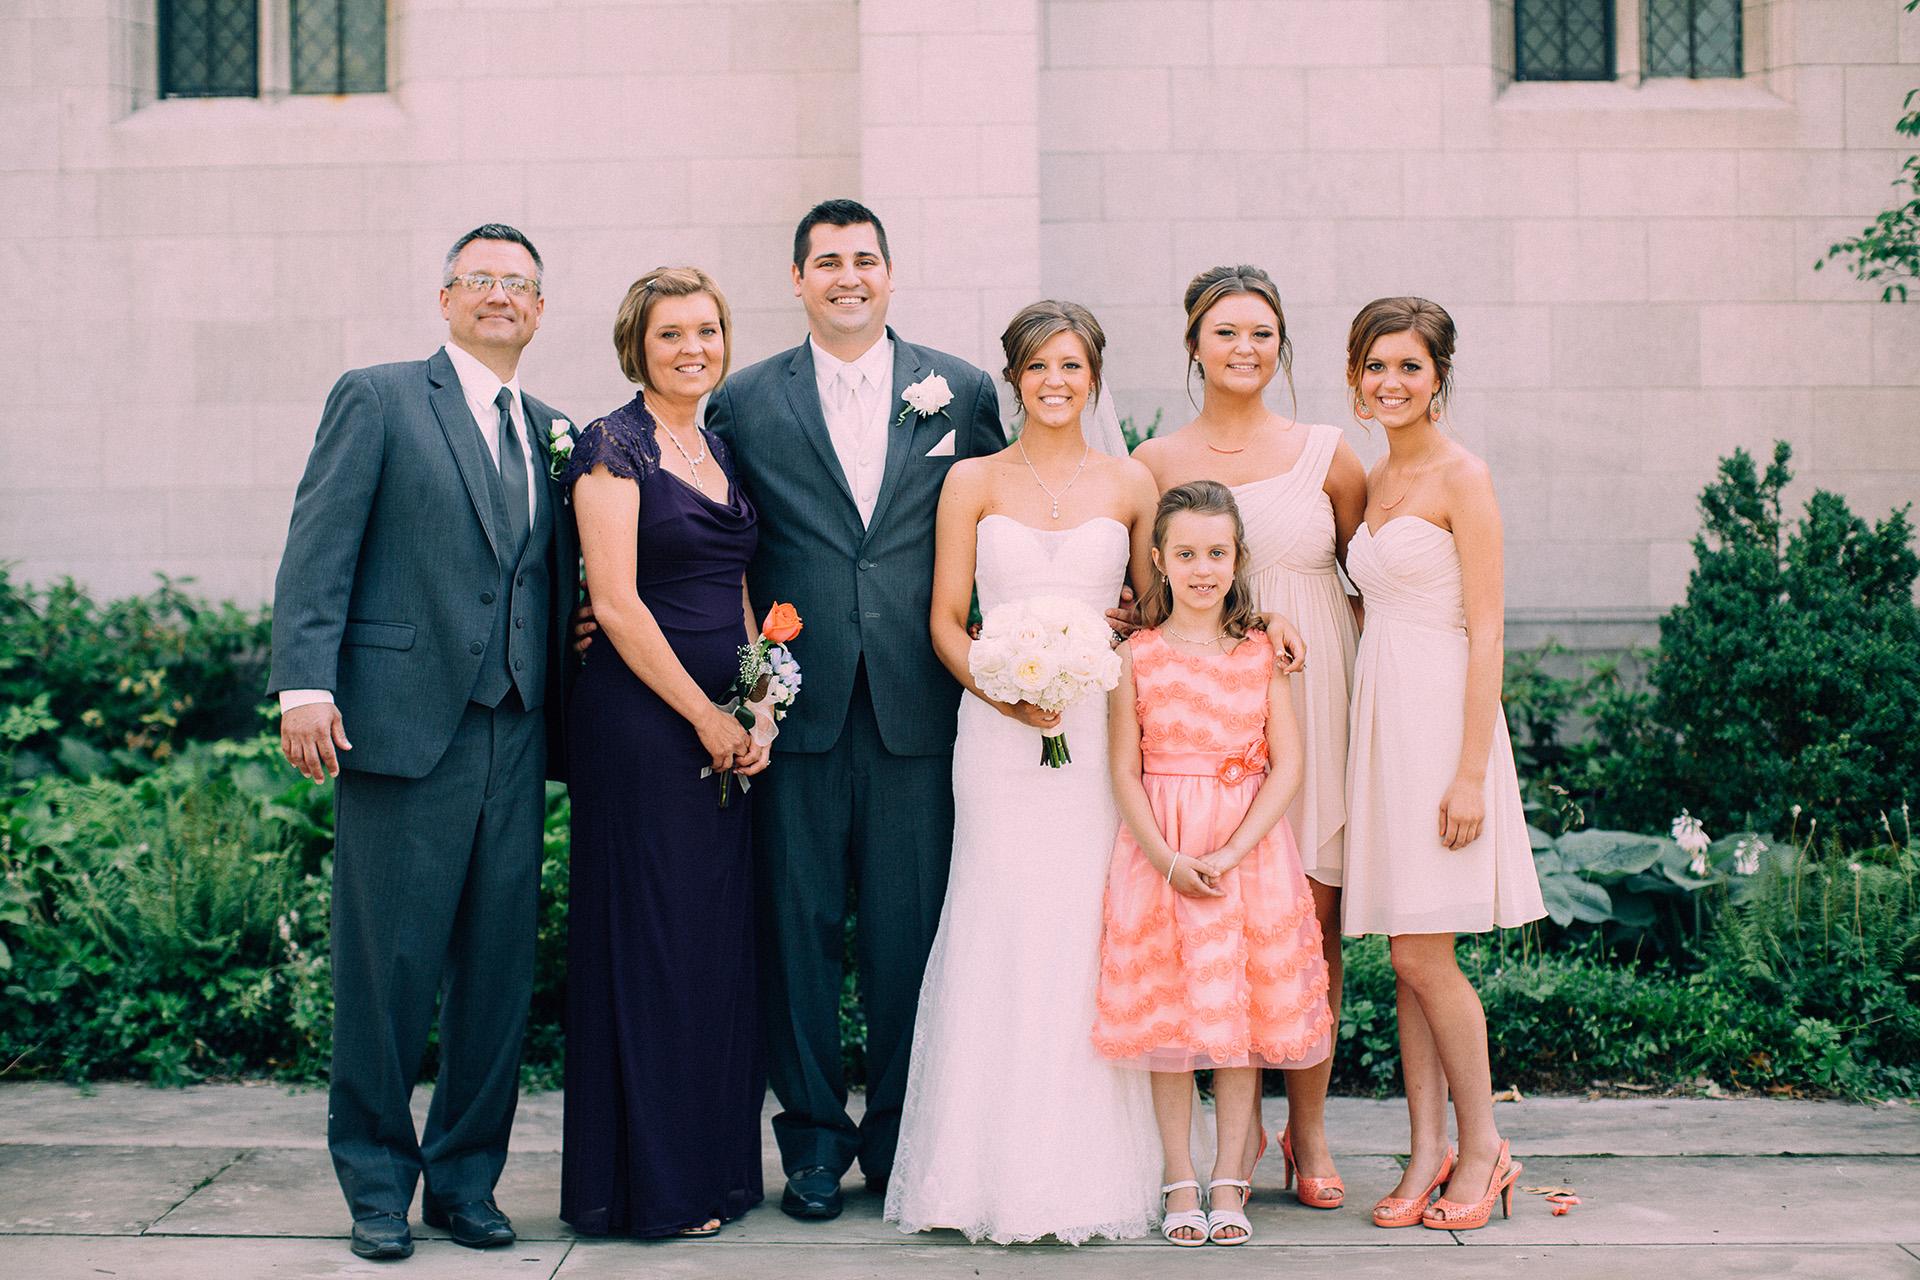 Amasa Stone Chapel Cleveland Wedding Photographer 39.jpg